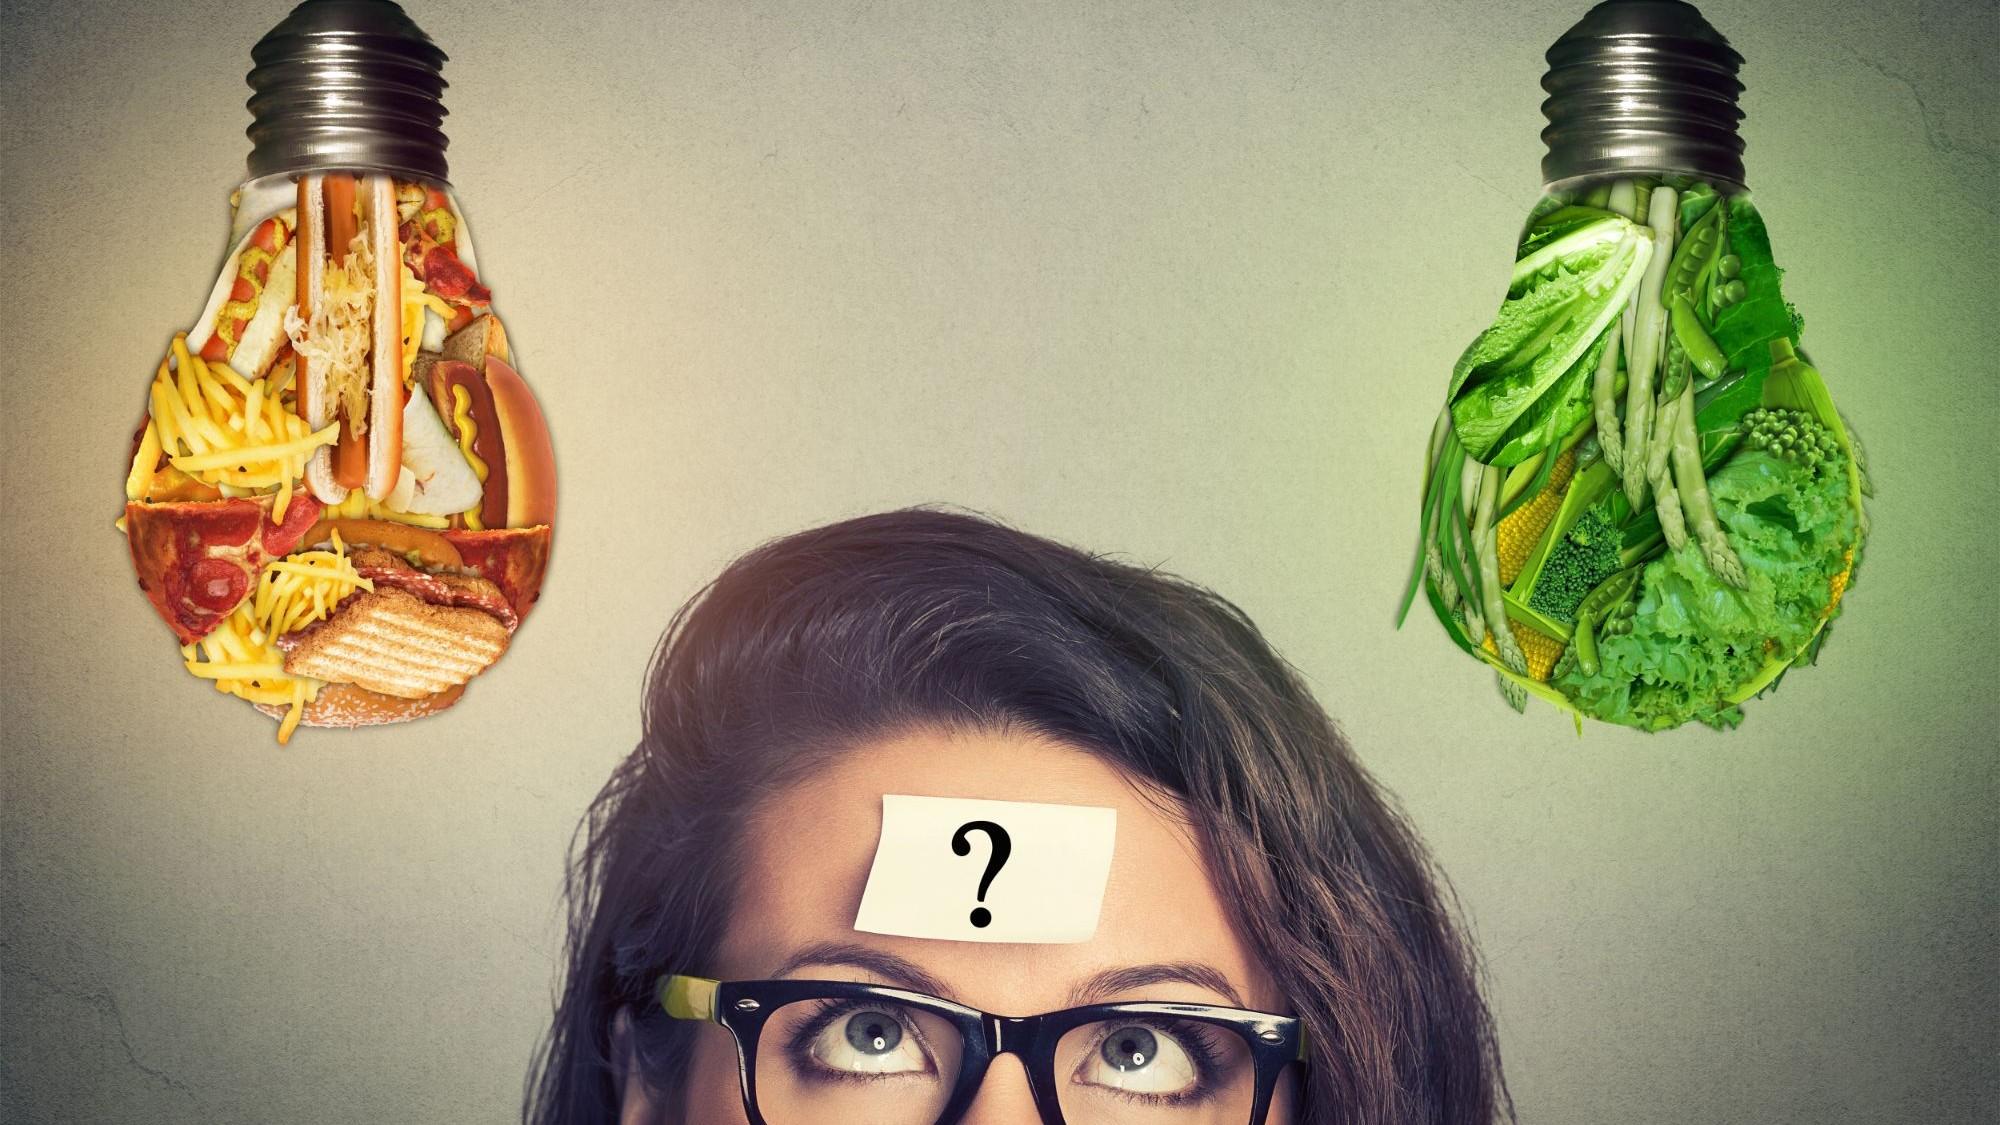 Représentation de la formation : PEC11 - La stratégie paradoxale en entretien diététique